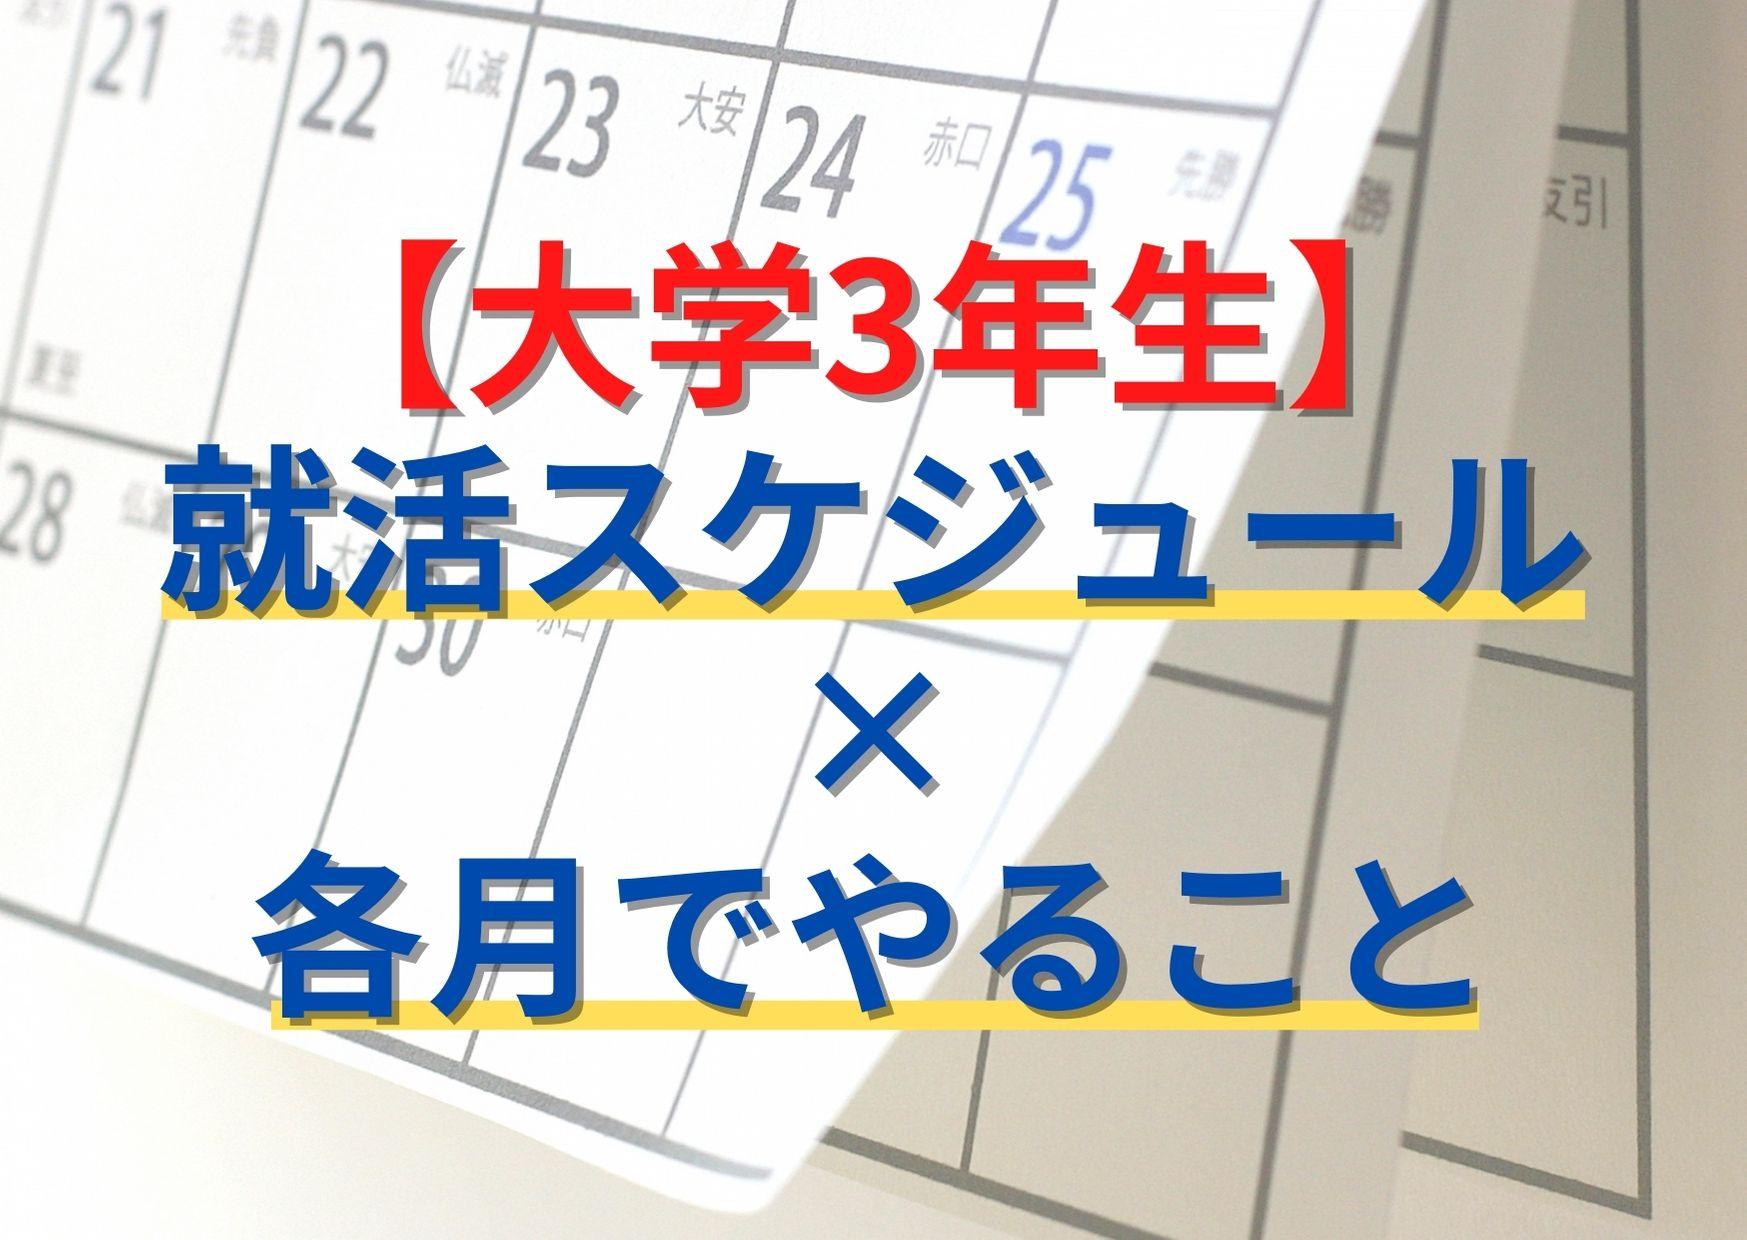 【大学3年】内定から逆算!就活スケジュールの流れと各月でやること解説